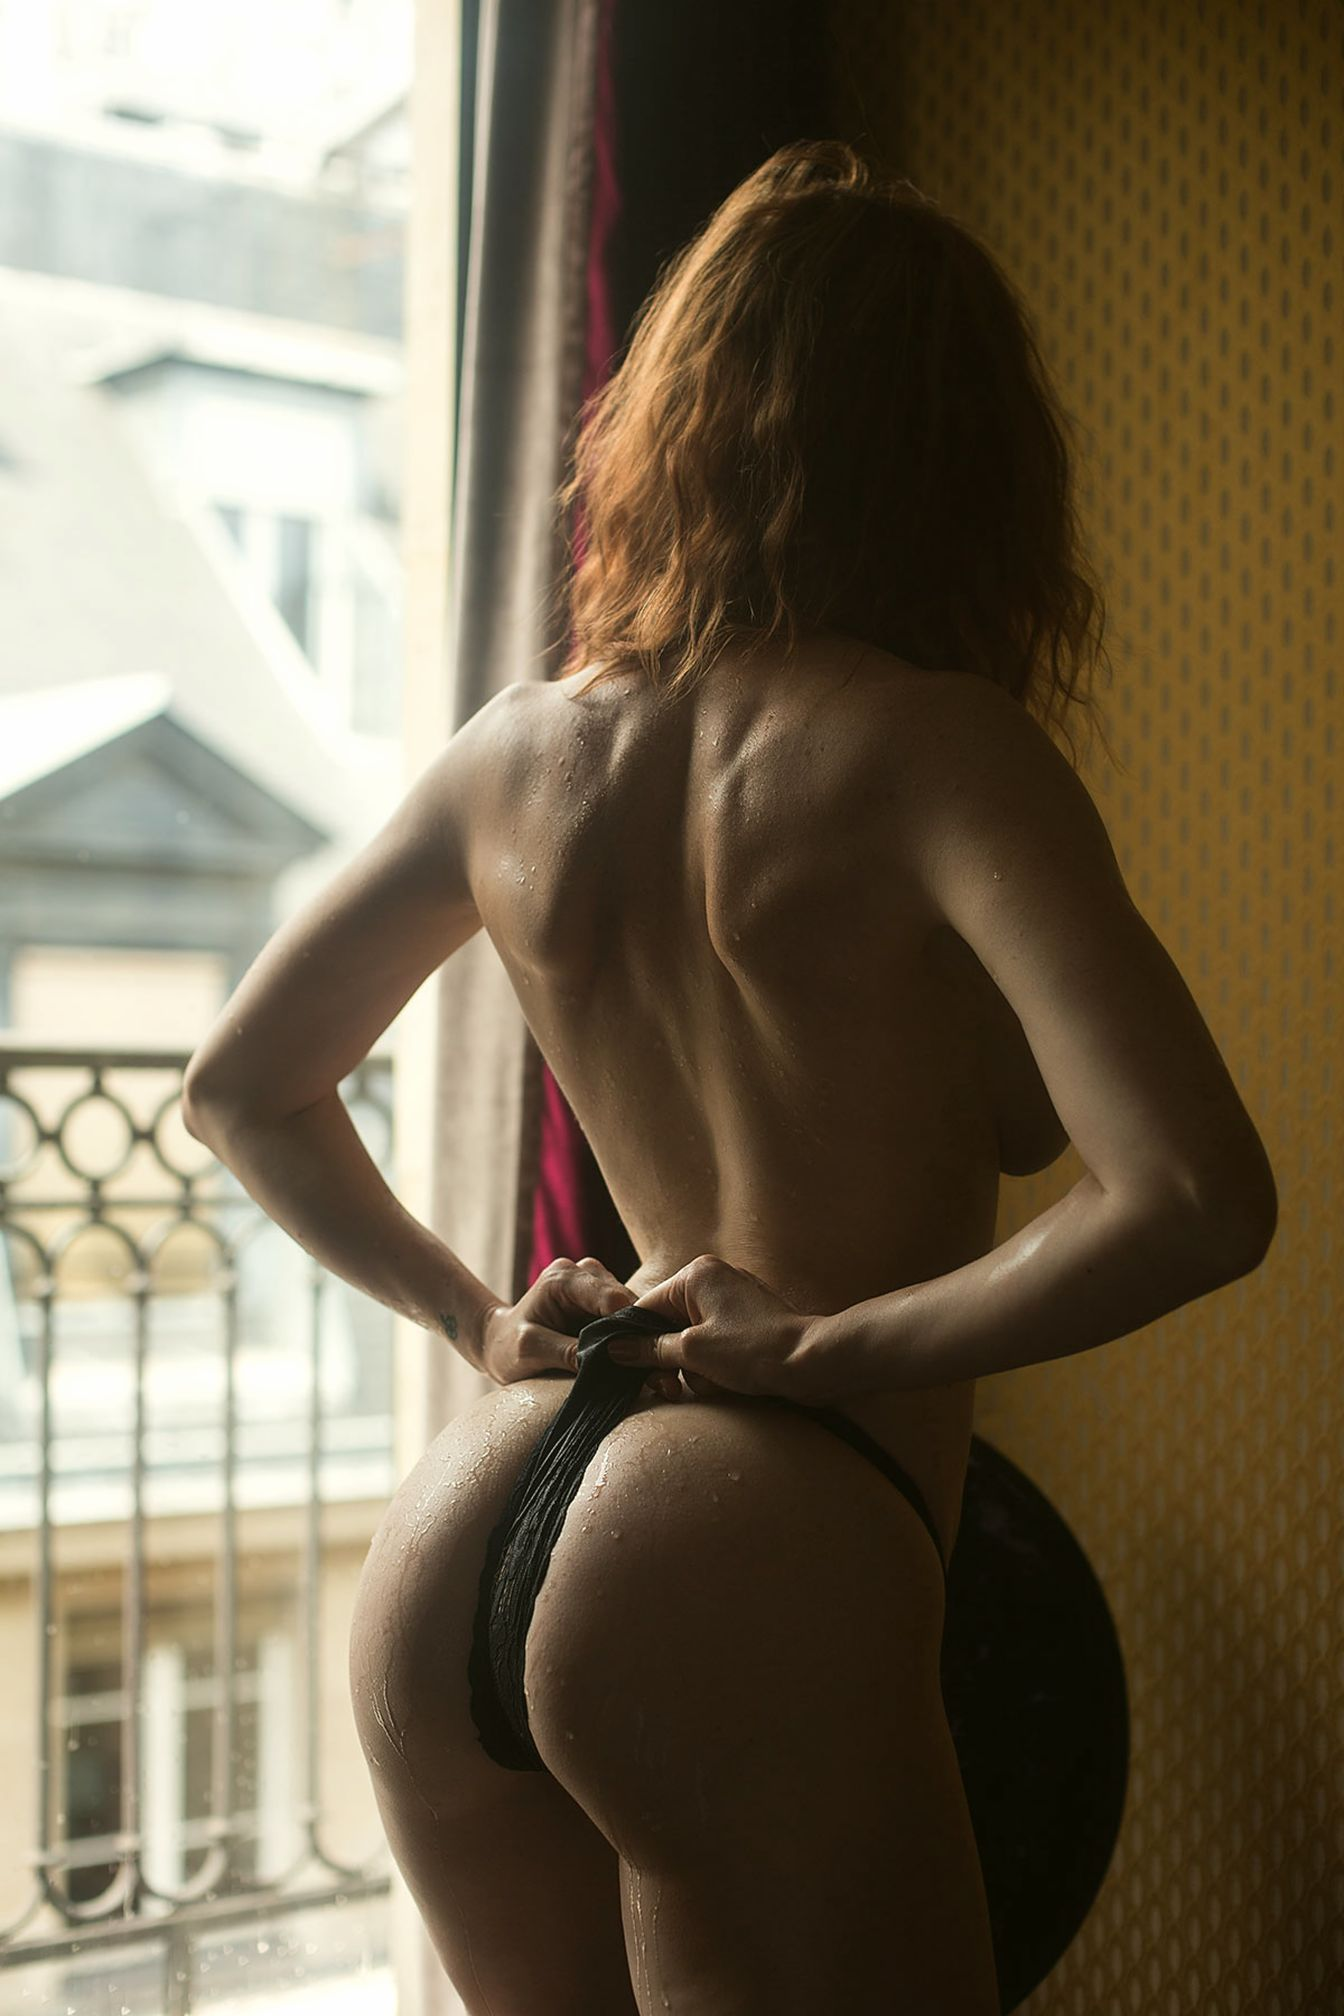 Leslie Sauvage nude photoshoot